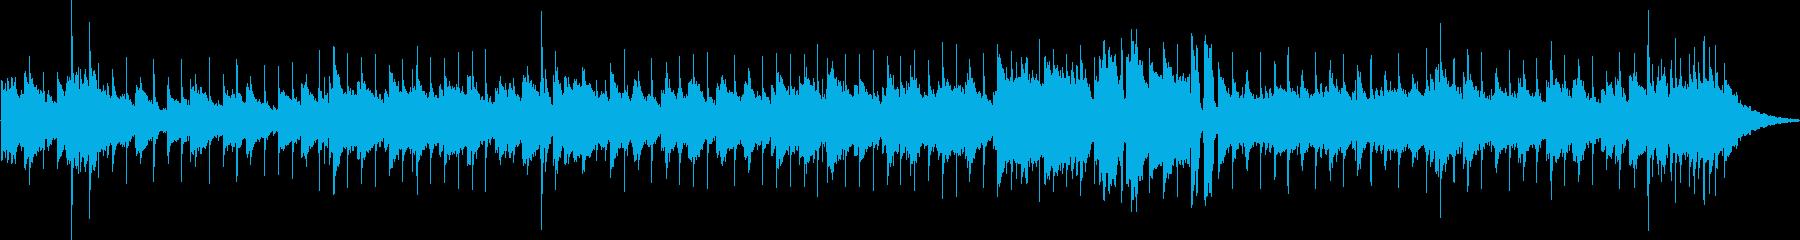 トリプレット。遅いピアノバー。の再生済みの波形